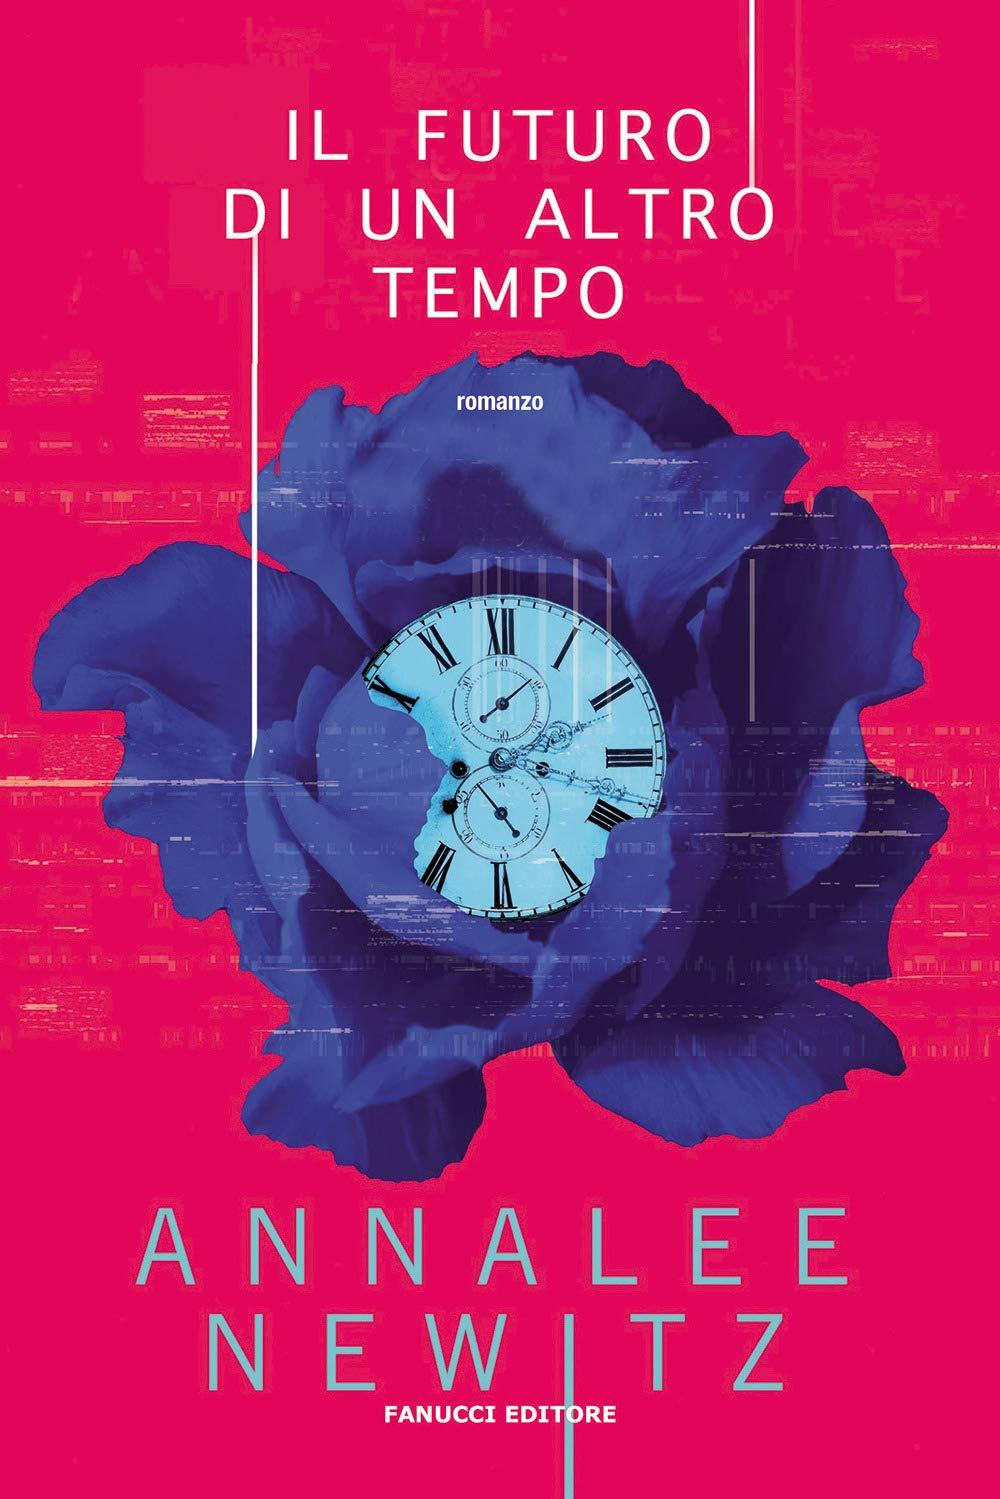 Amazon.it: Il futuro di un altro tempo - Newitz, Annalee - Libri